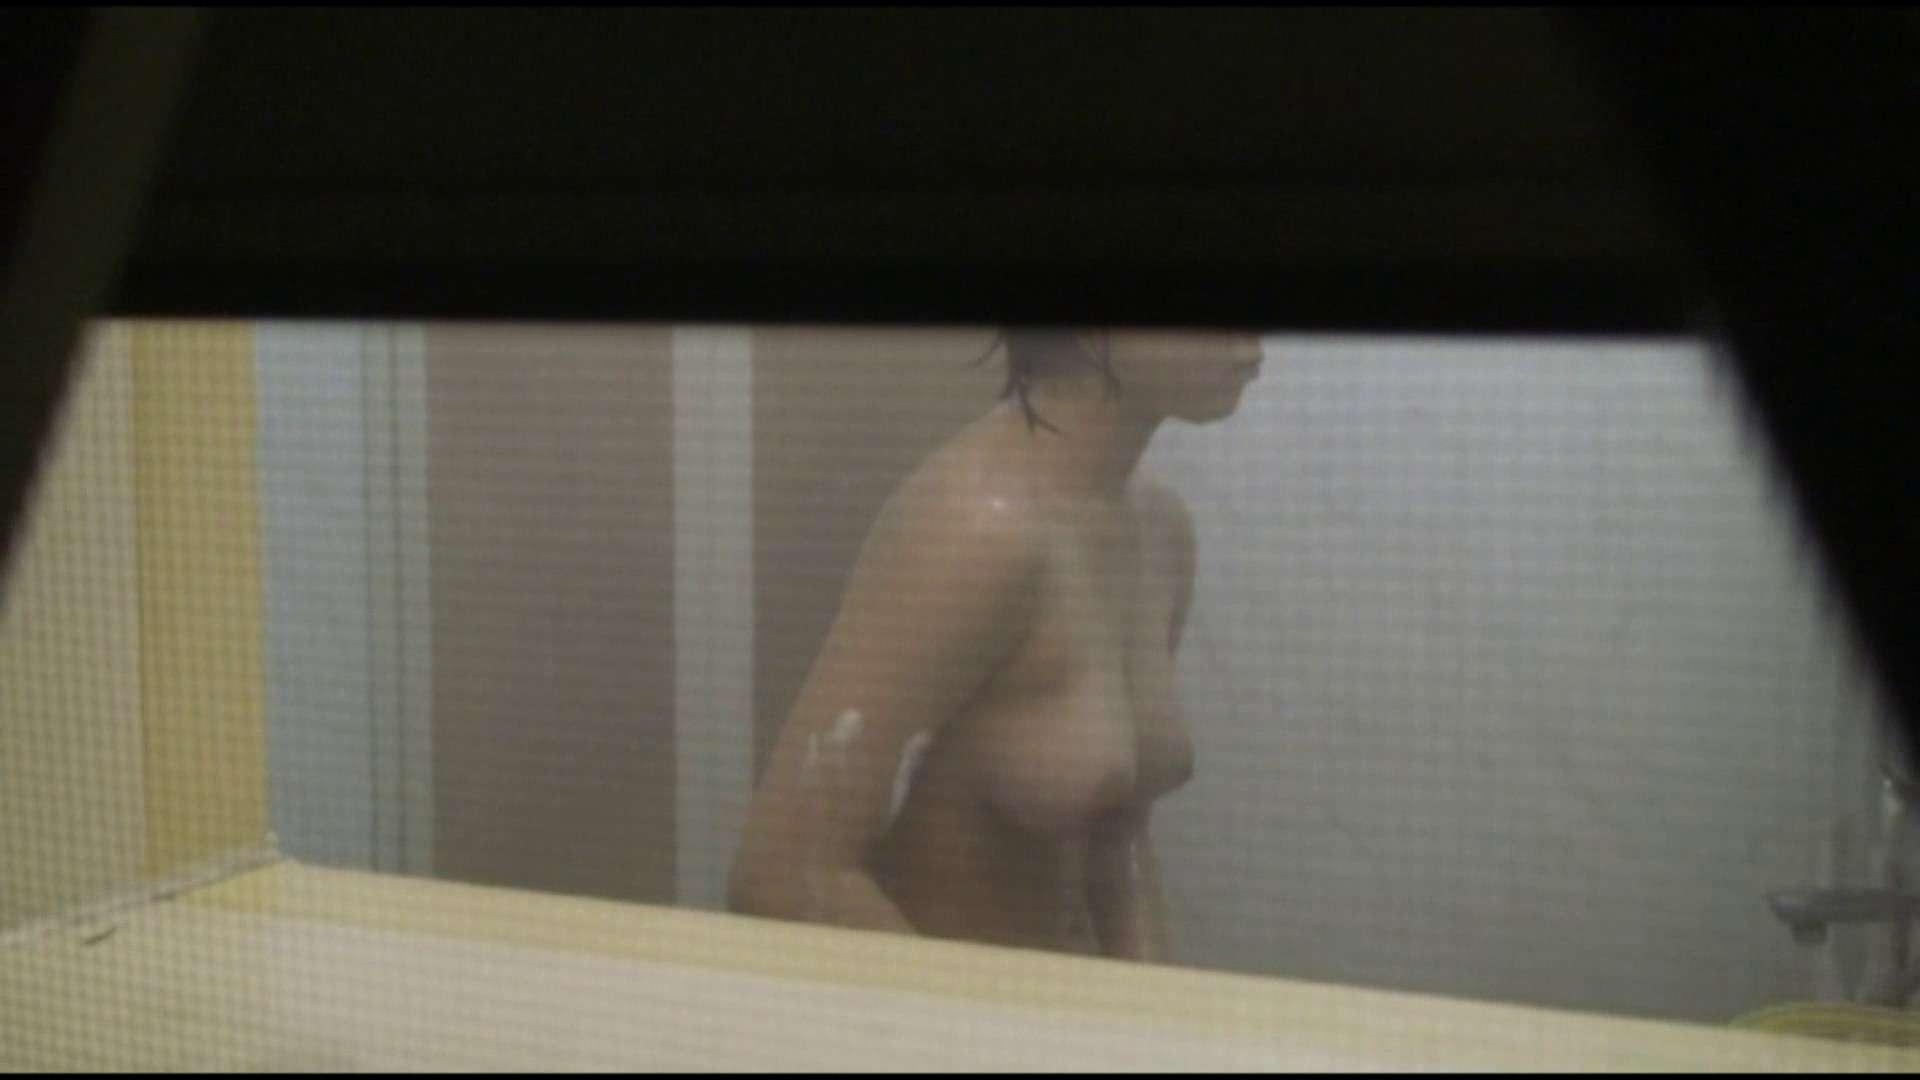 vol.04巨乳美人のおっぱいがプルルンッと弾けてます!風呂上りも必見 むっちり セックス無修正動画無料 78画像 4